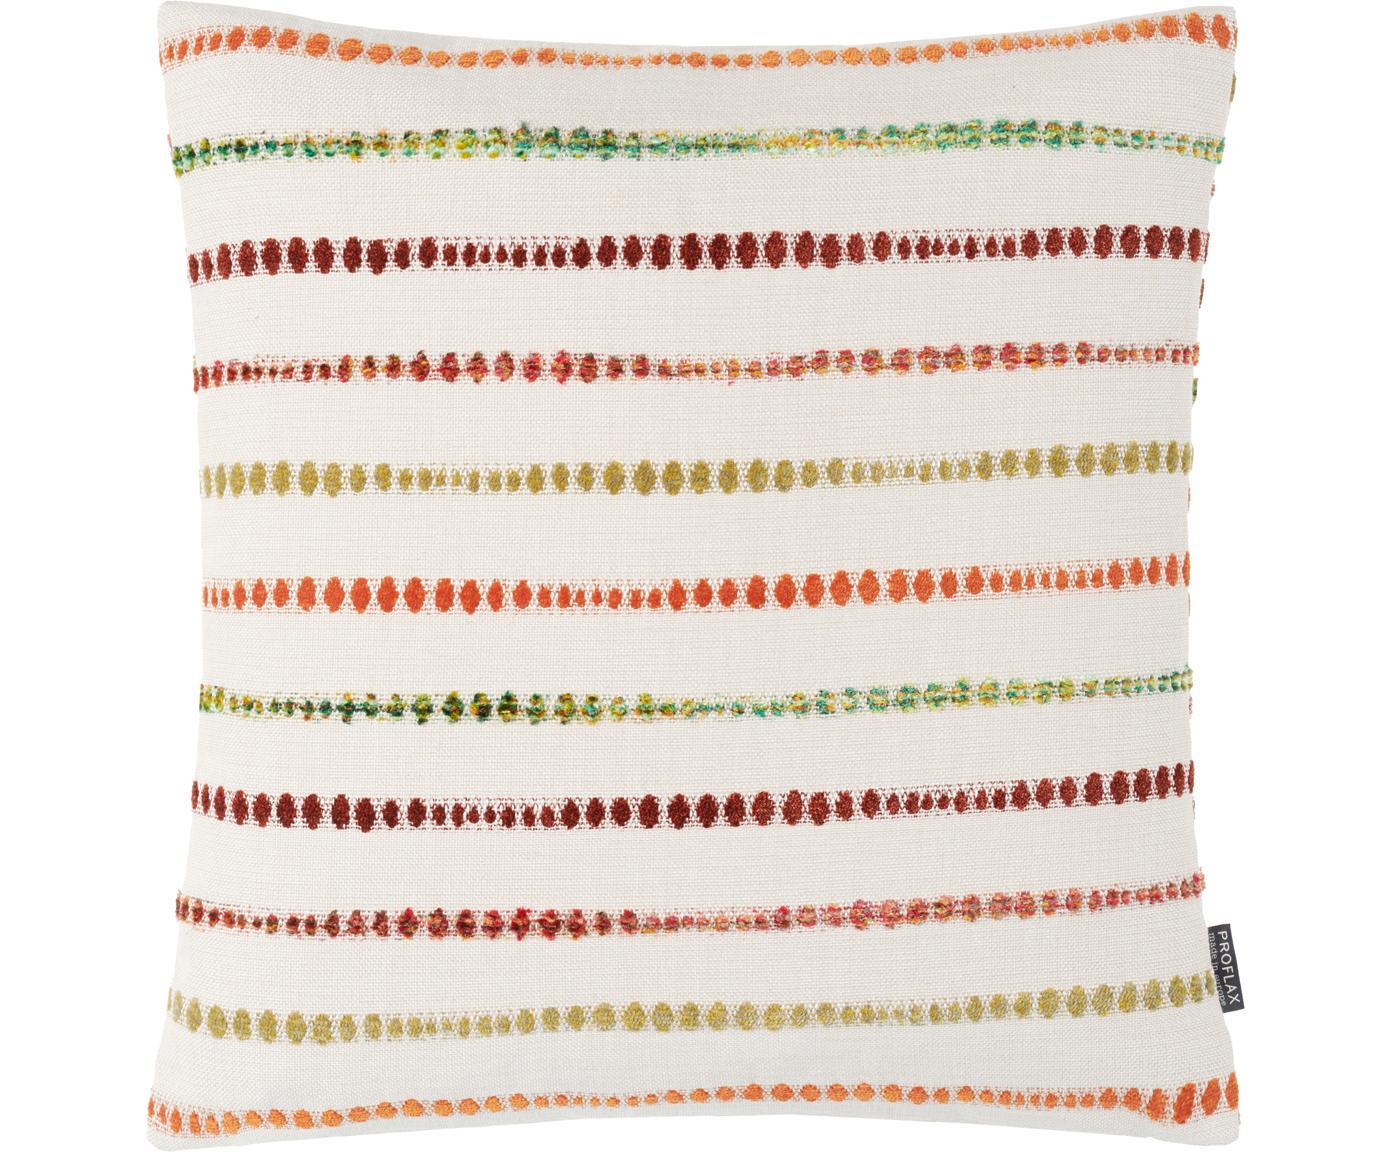 Poszewka na poduszkę Alfonso, Poliester, Biały, wielobarwny, S 45 x D 45 cm